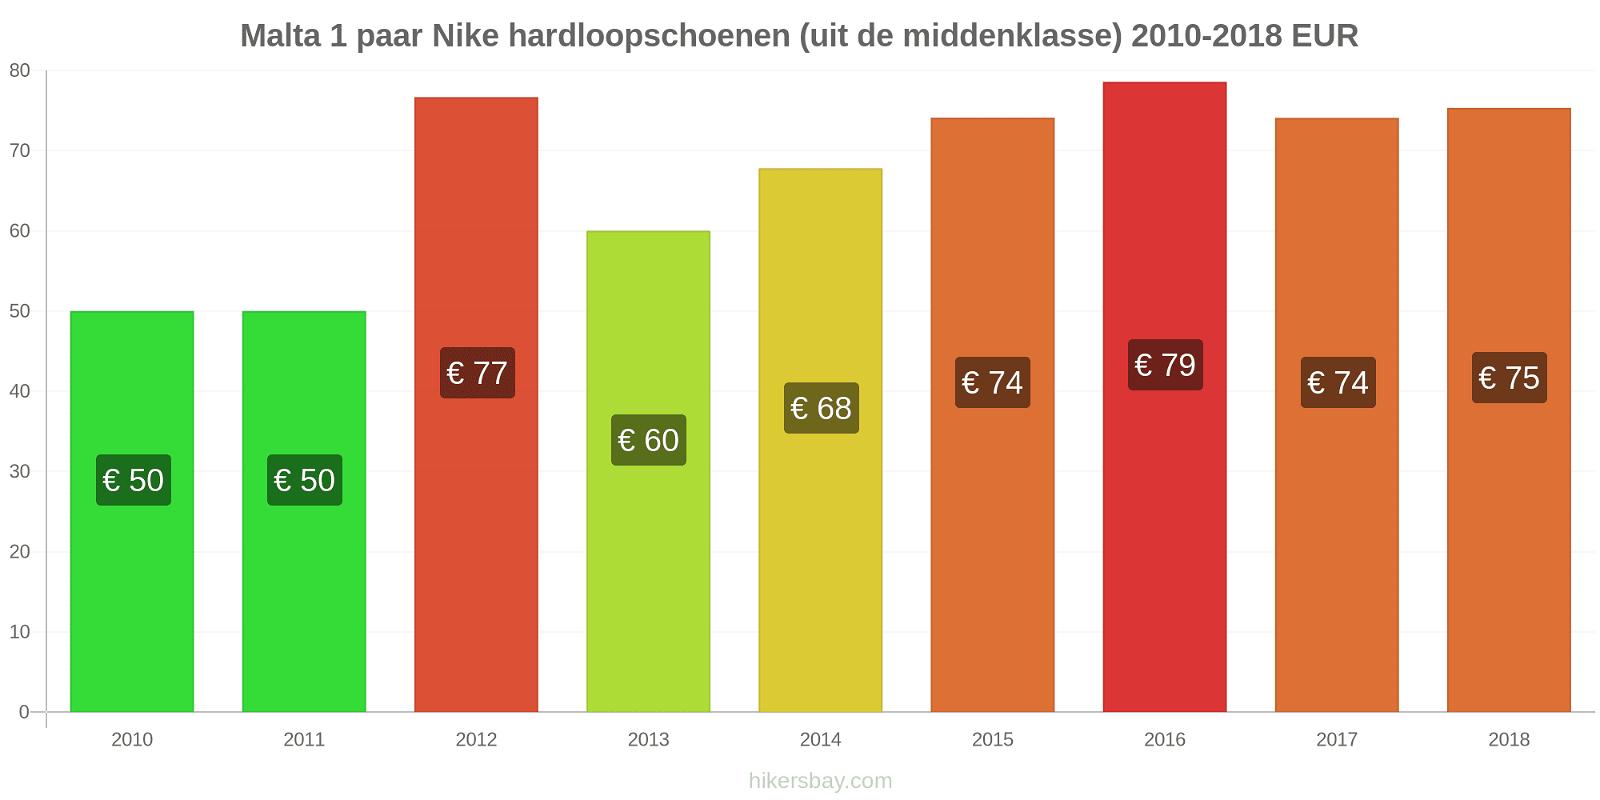 Malta prijswijzigingen 1 paar Nike hardloopschoenen (uit de middenklasse) hikersbay.com